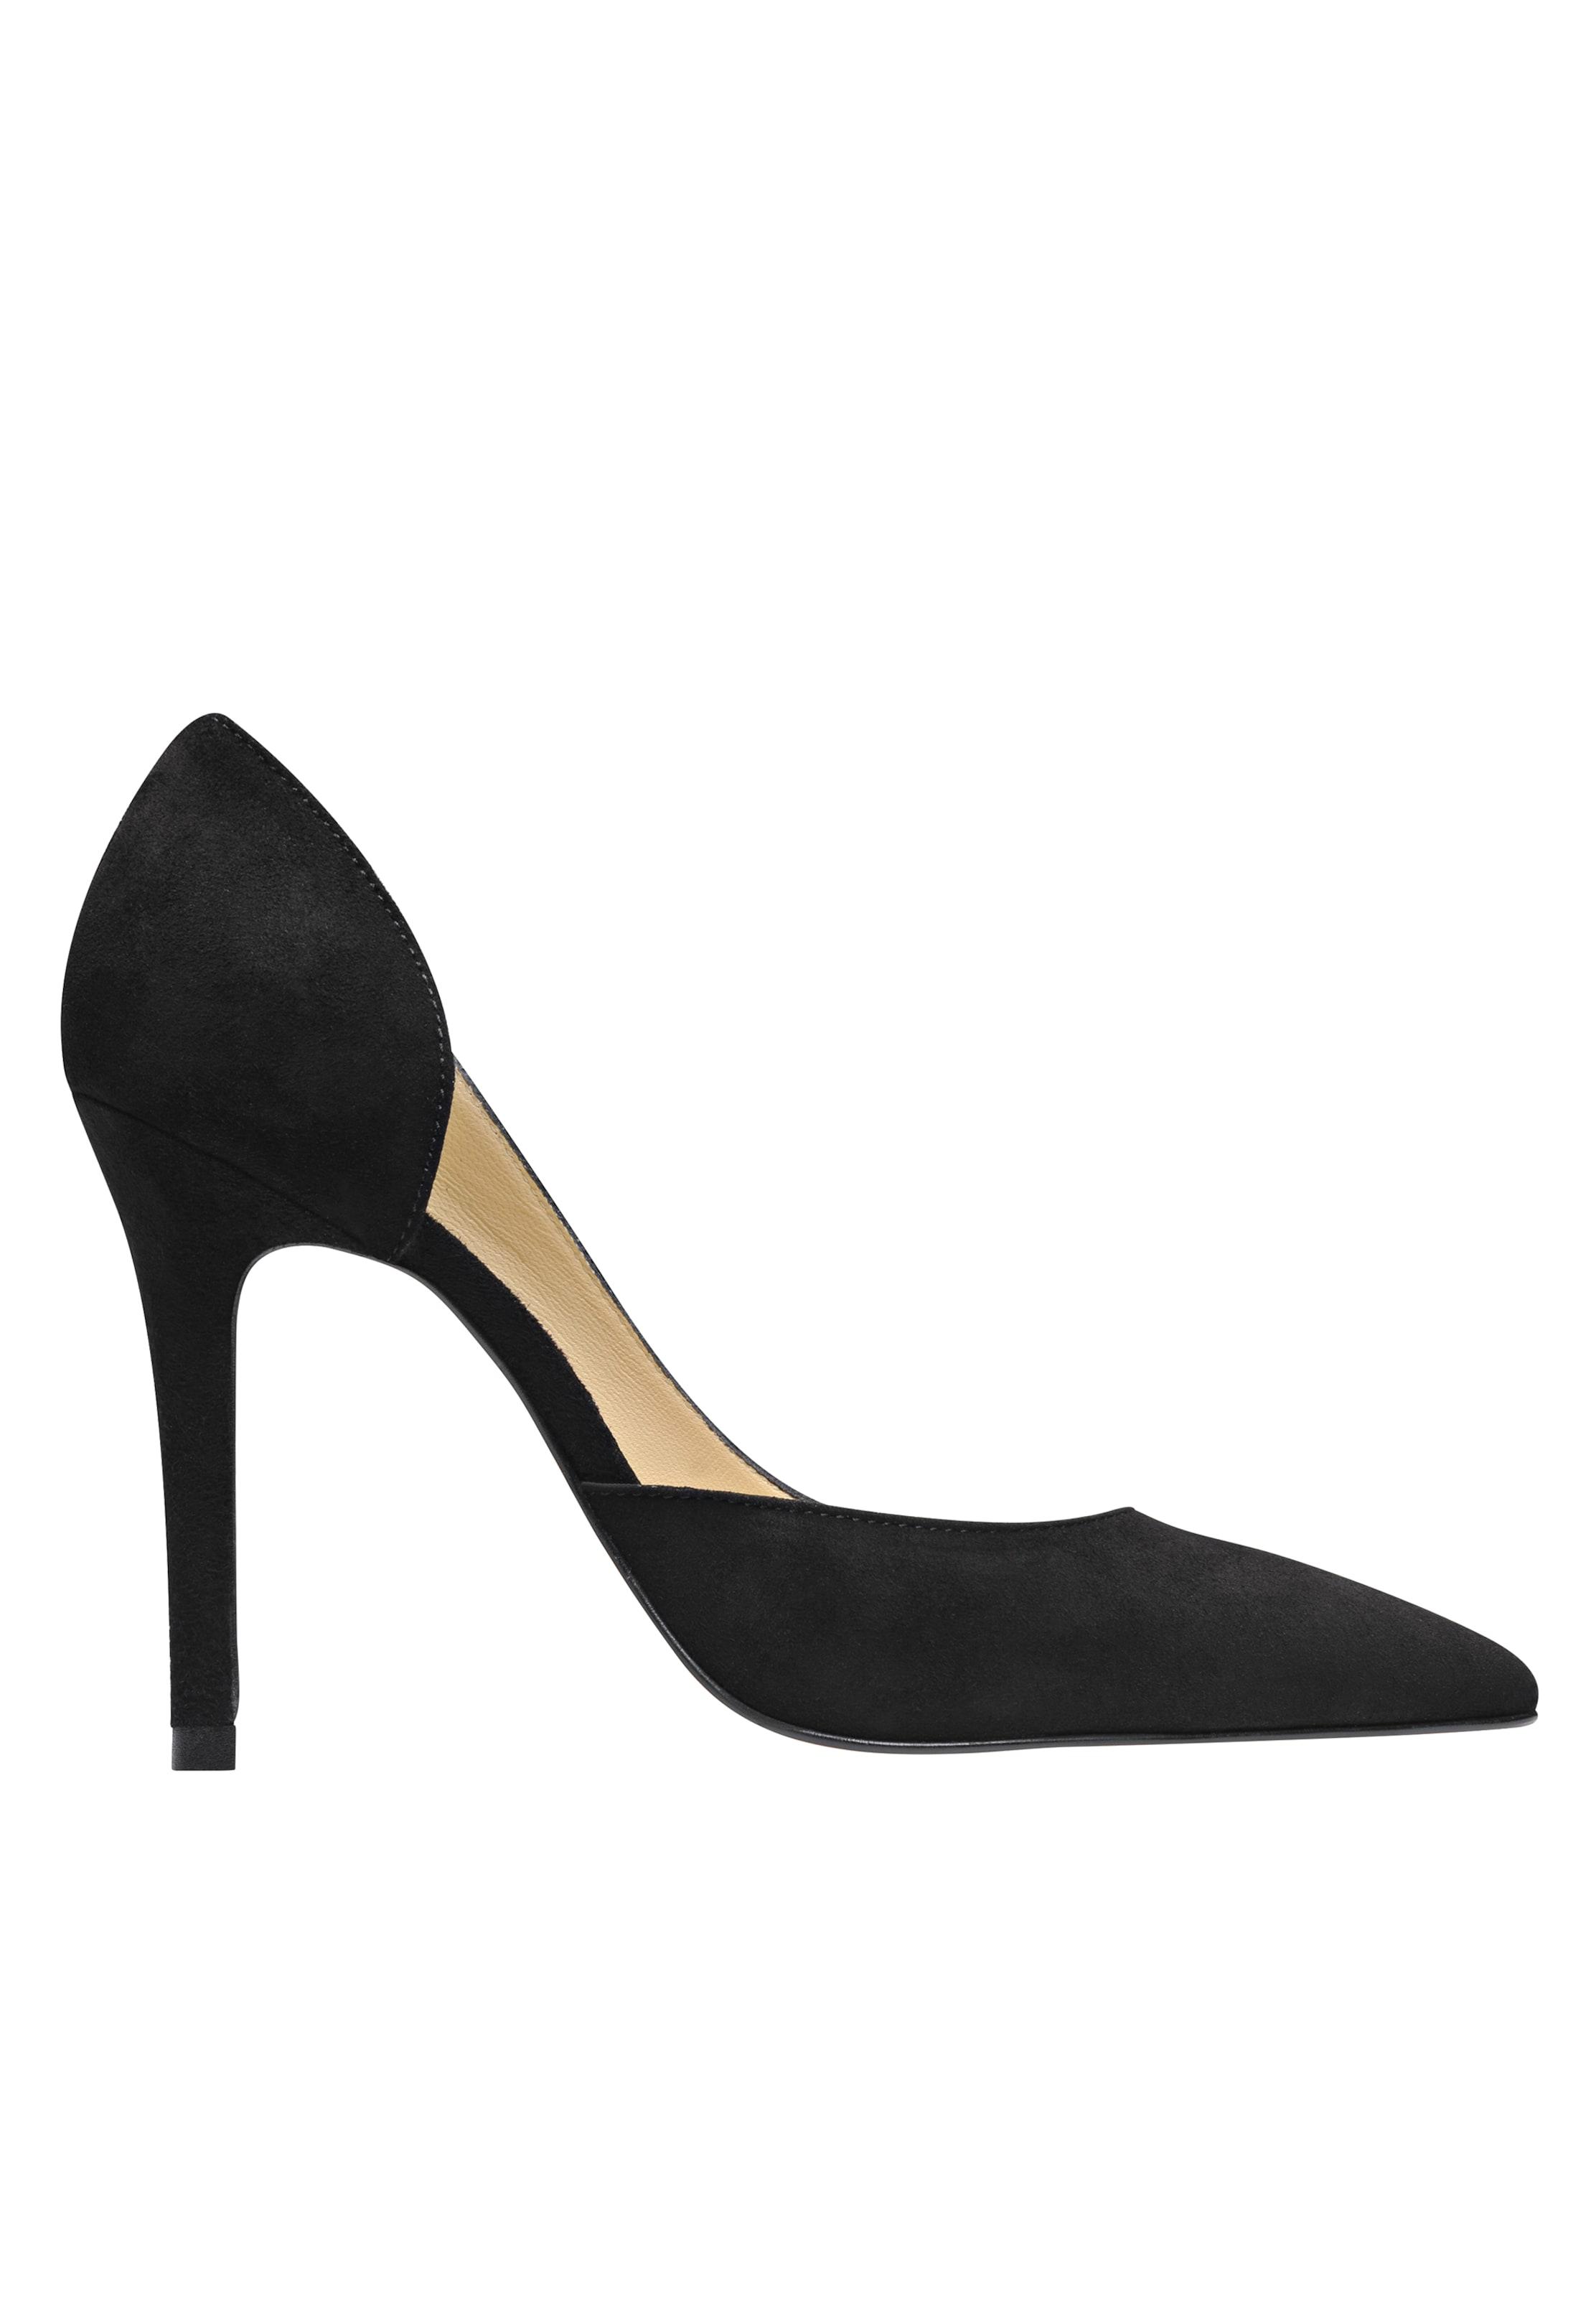 Escarpins En En Evita En Noir Evita Noir Noir Evita Evita Escarpins Escarpins b7yY6fgv